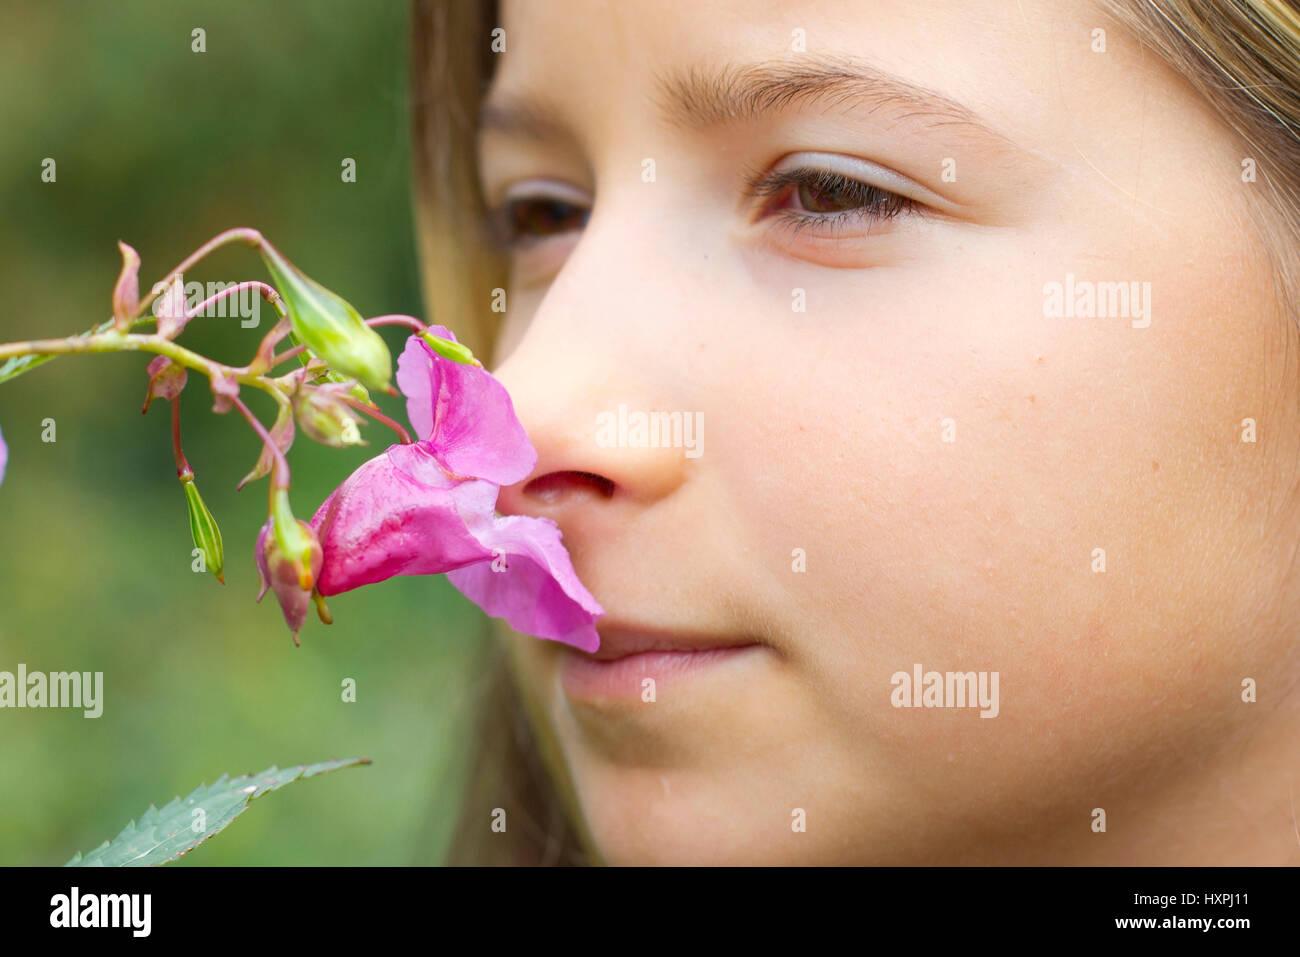 Impatiens Glandulifera, Dr? Siges Springkraut, Indische Springkraut, Himalaya-Balsamine, Bauernorchidee, Familie von der Balsaminengew? Chse (Balsaminaceae) Stockfoto